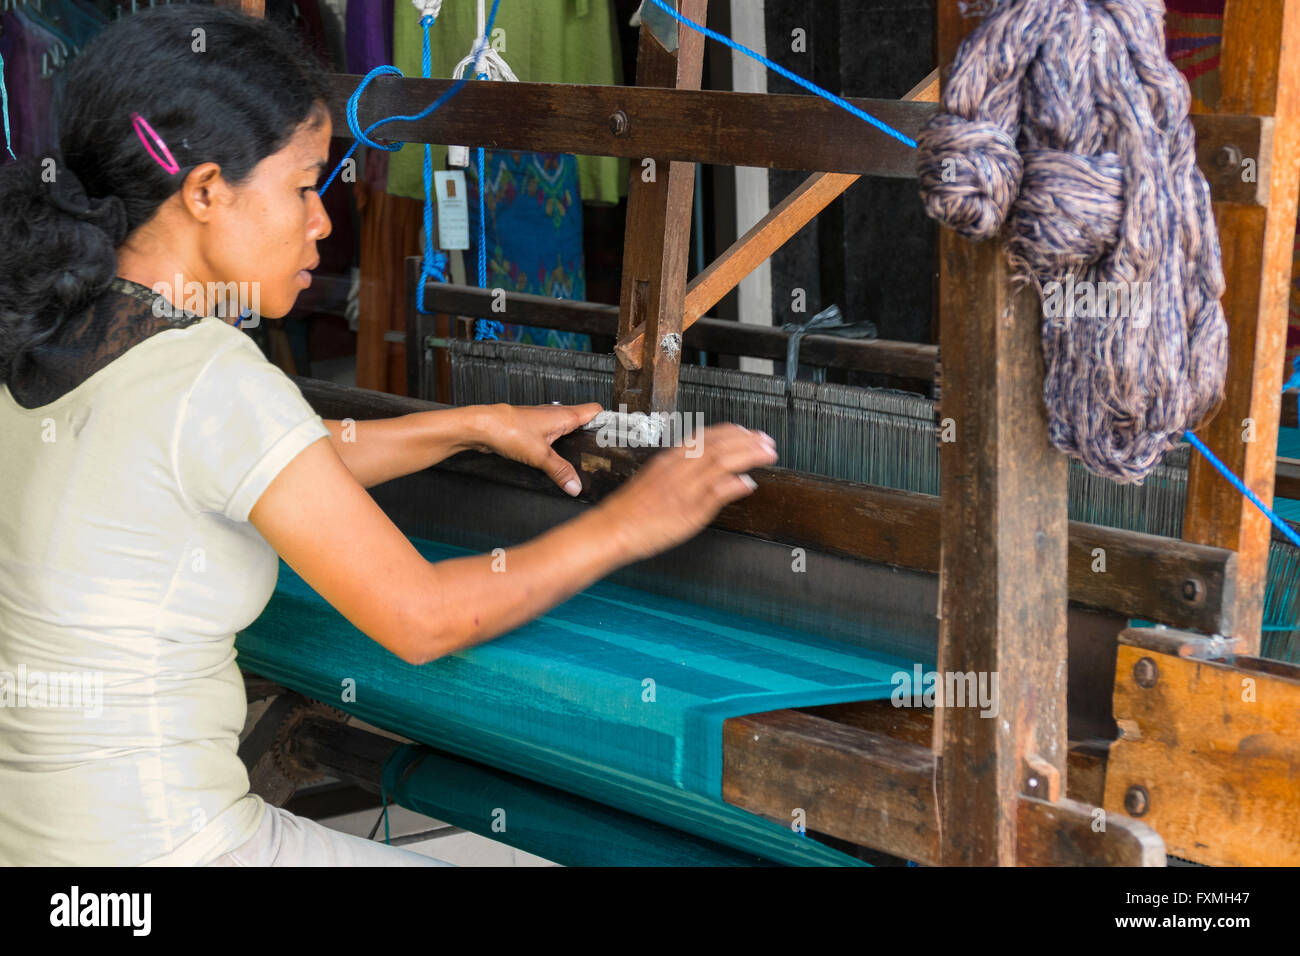 Woman Weaving on Loom, Ubud, Bali, Indonesia - Stock Image